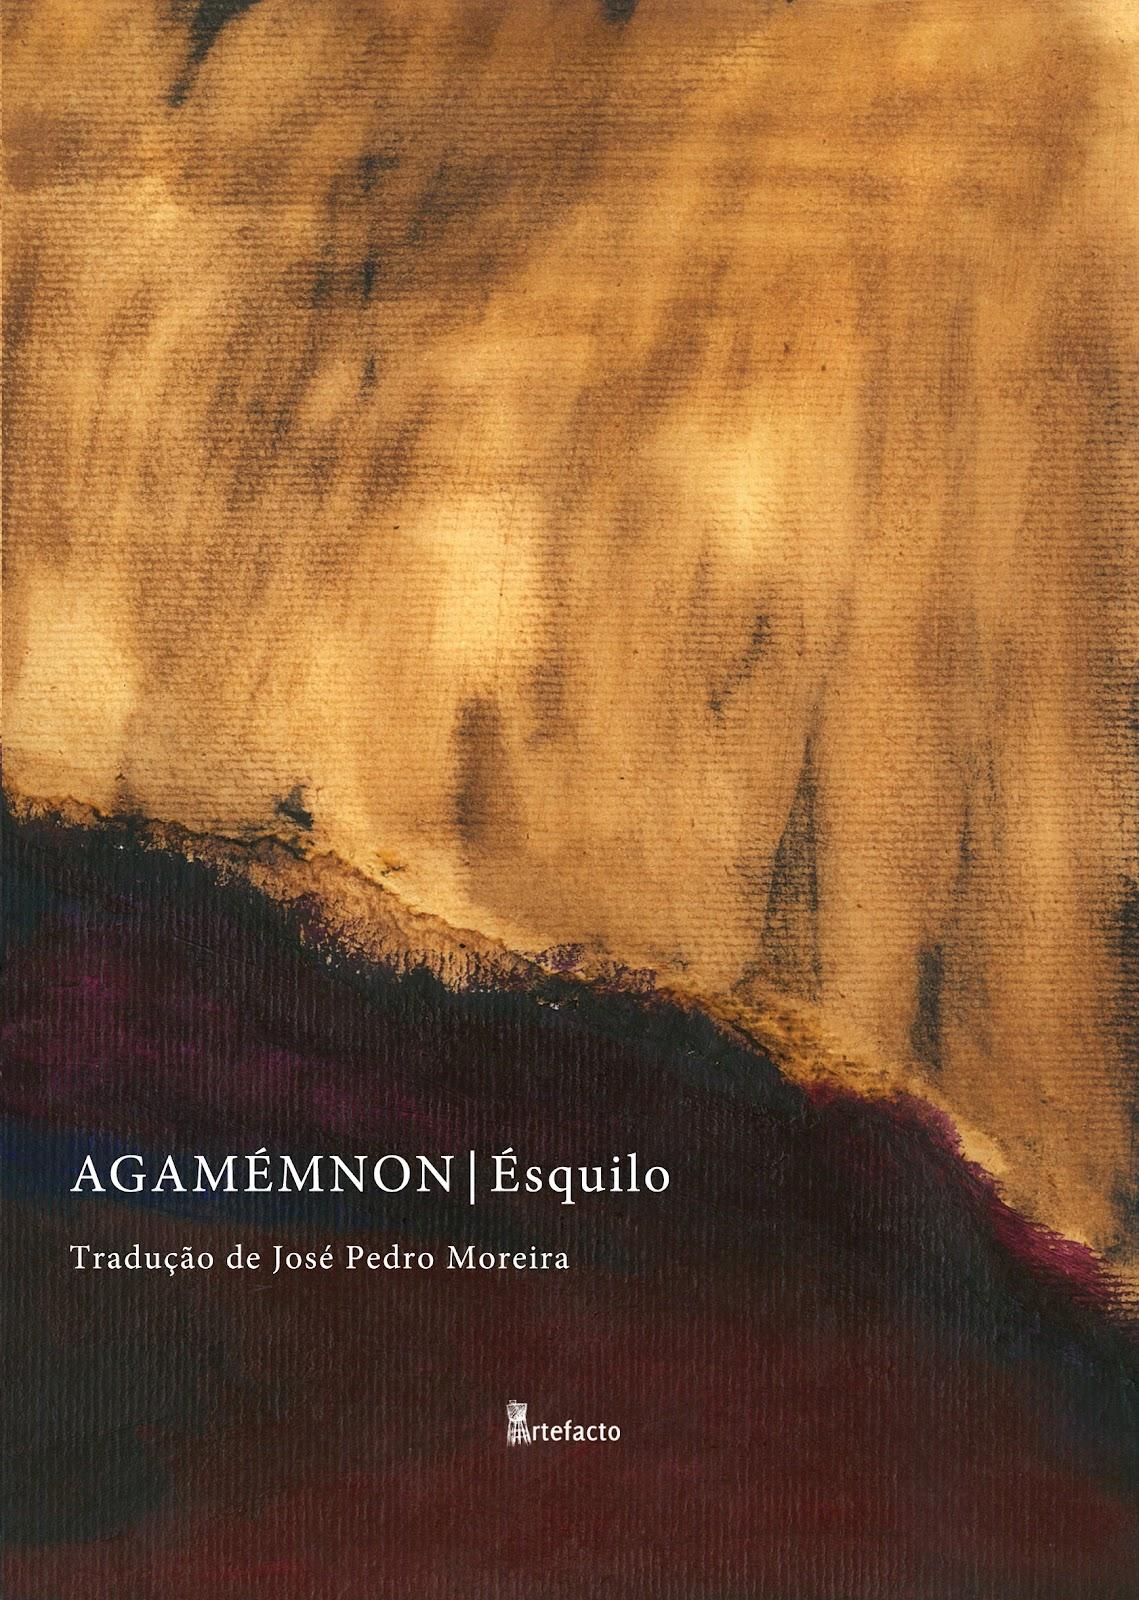 Agamémnon